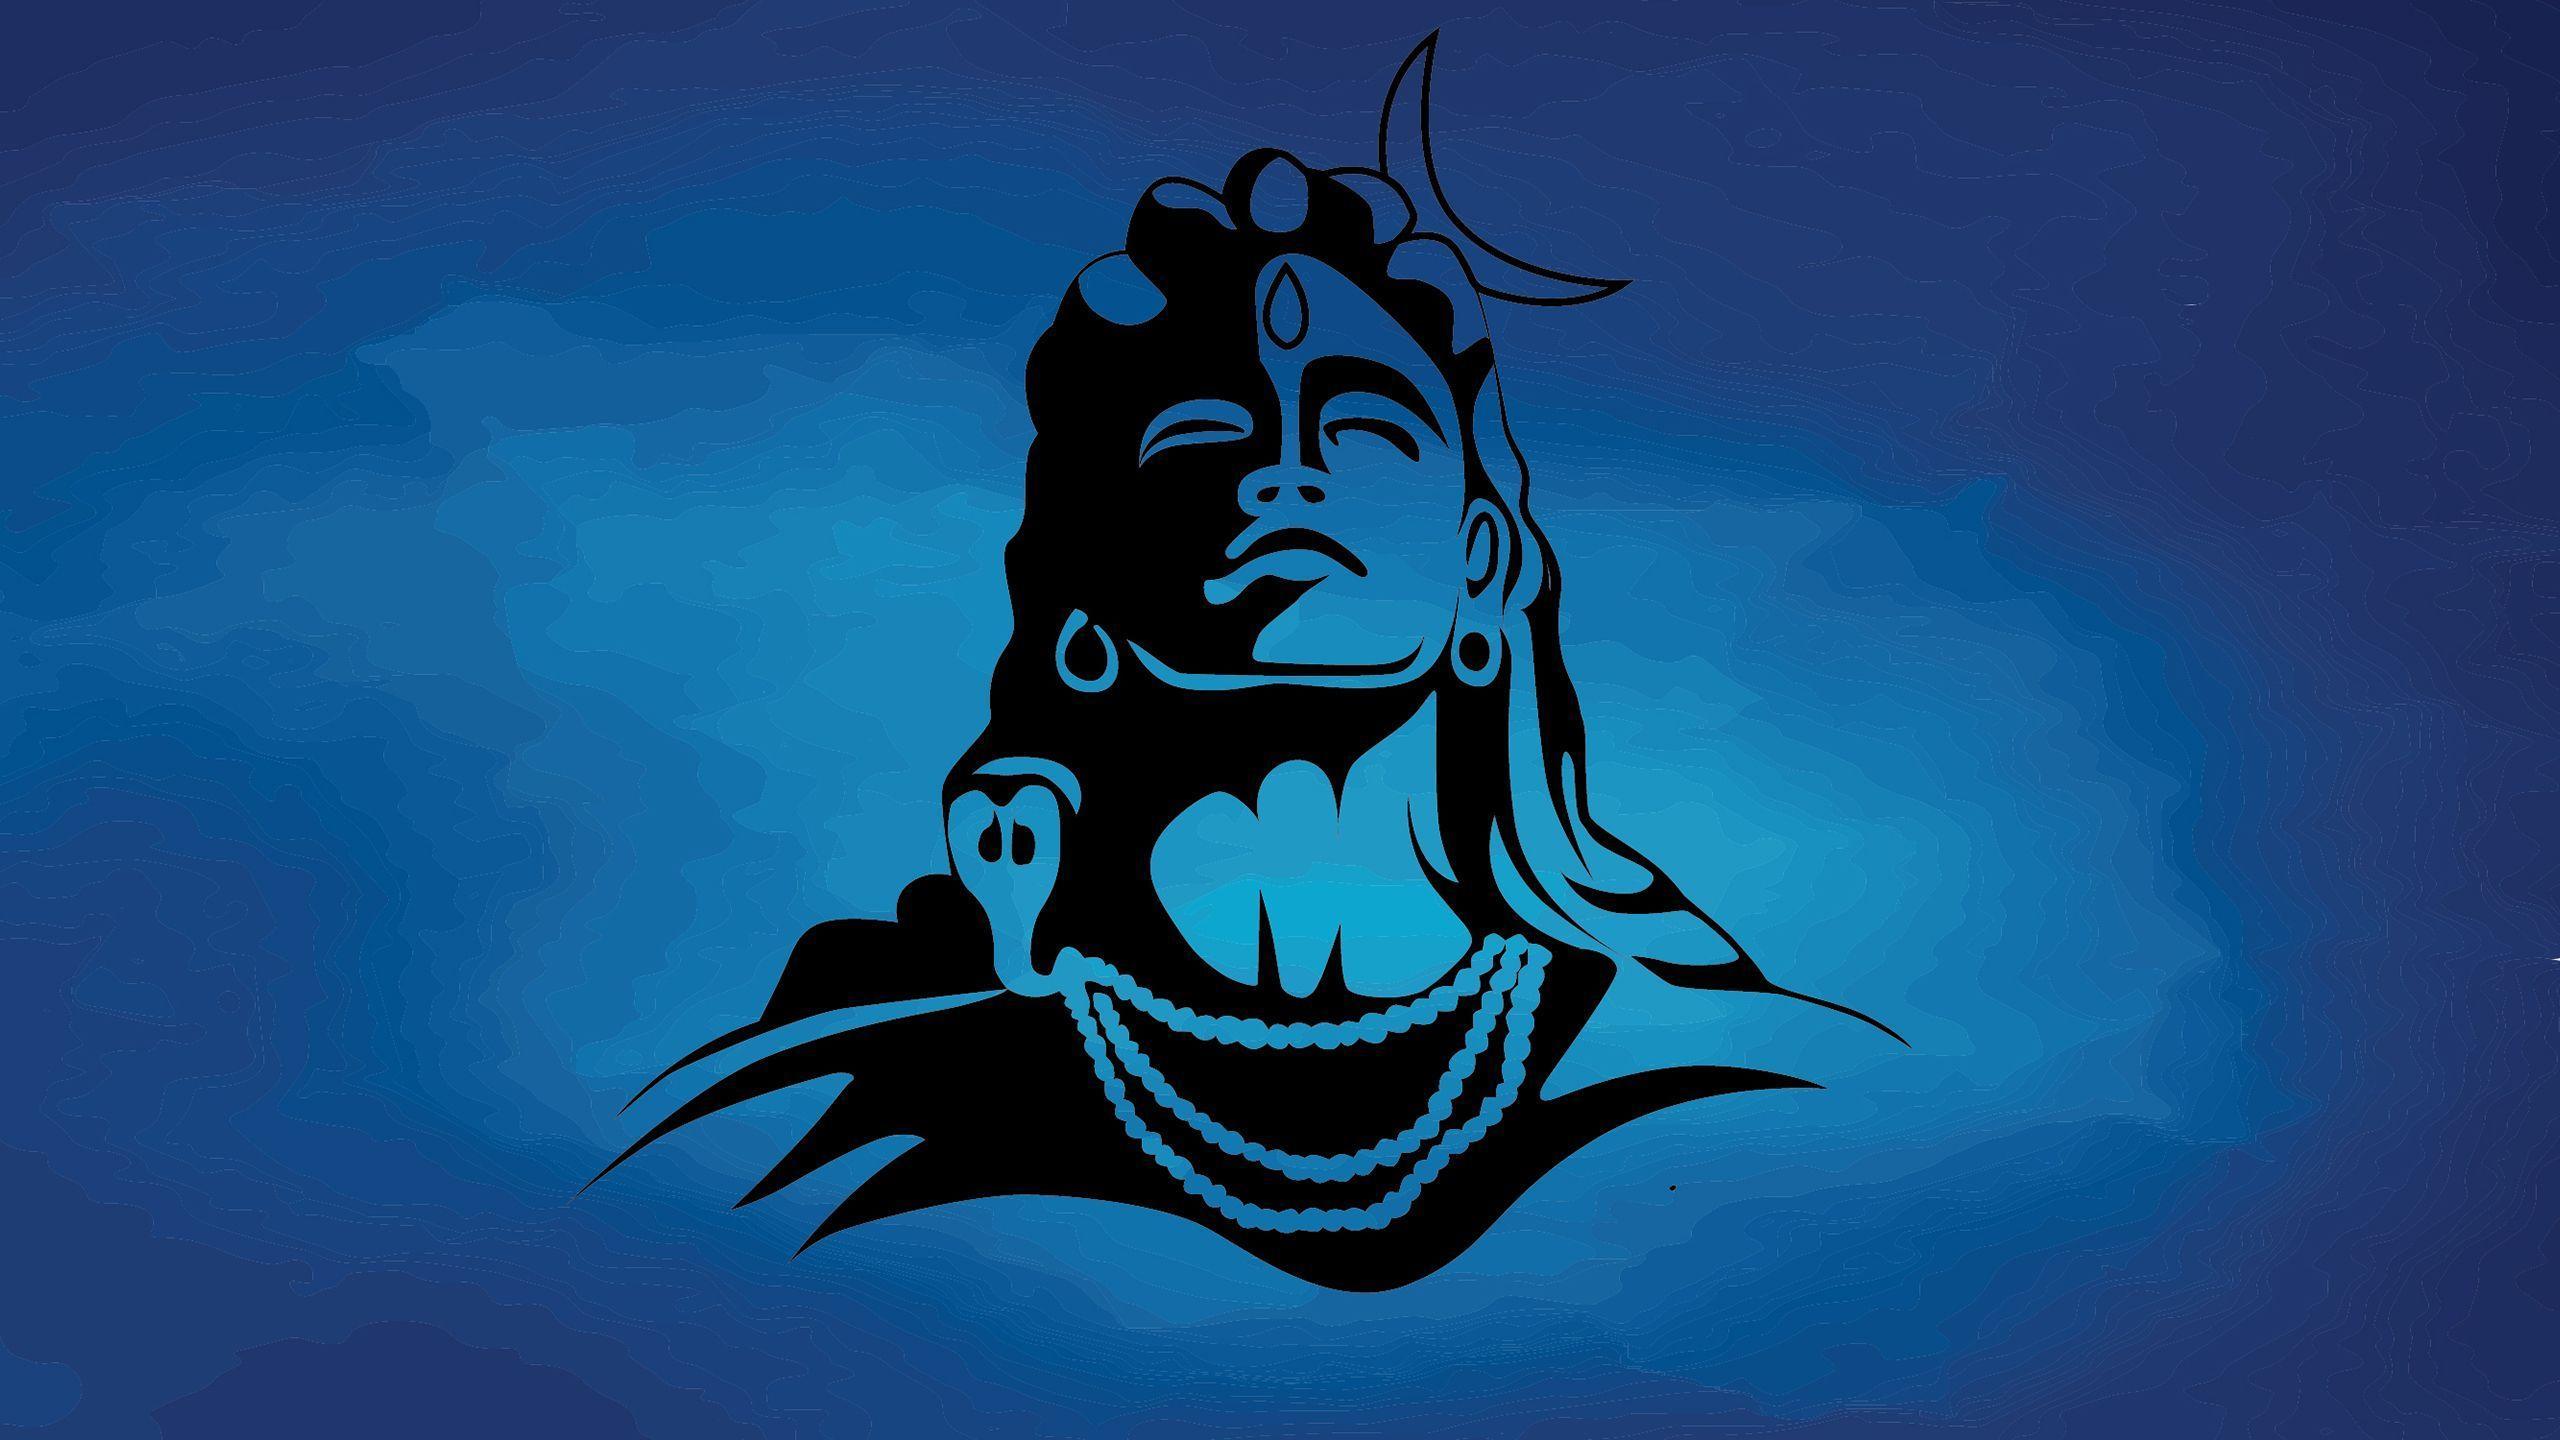 2560x1440 Shiva hình nền